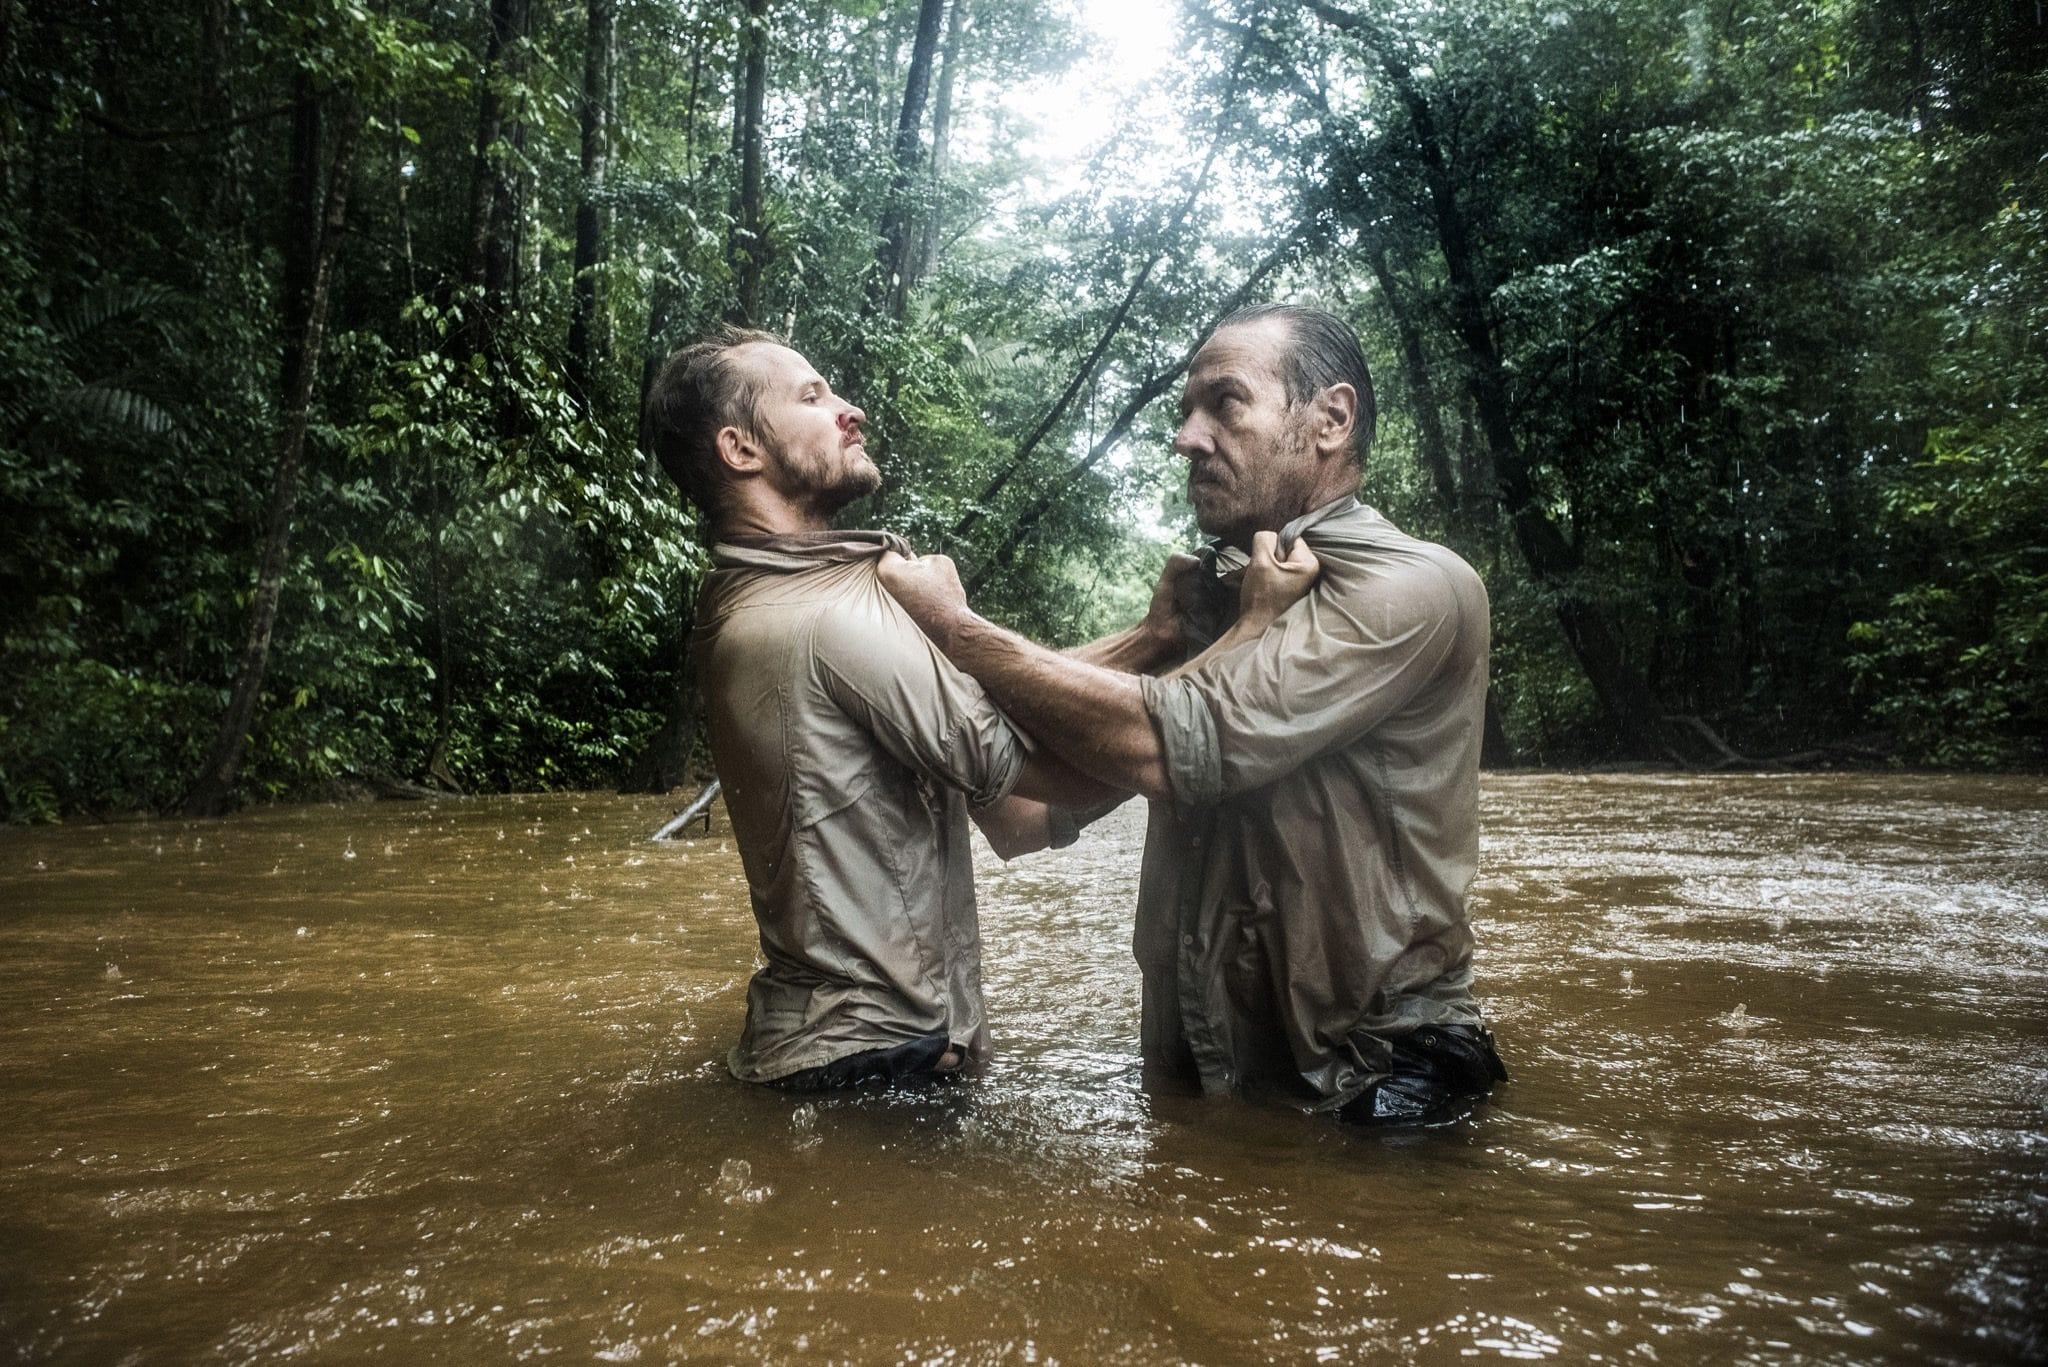 Guyane saison 2 photo 1